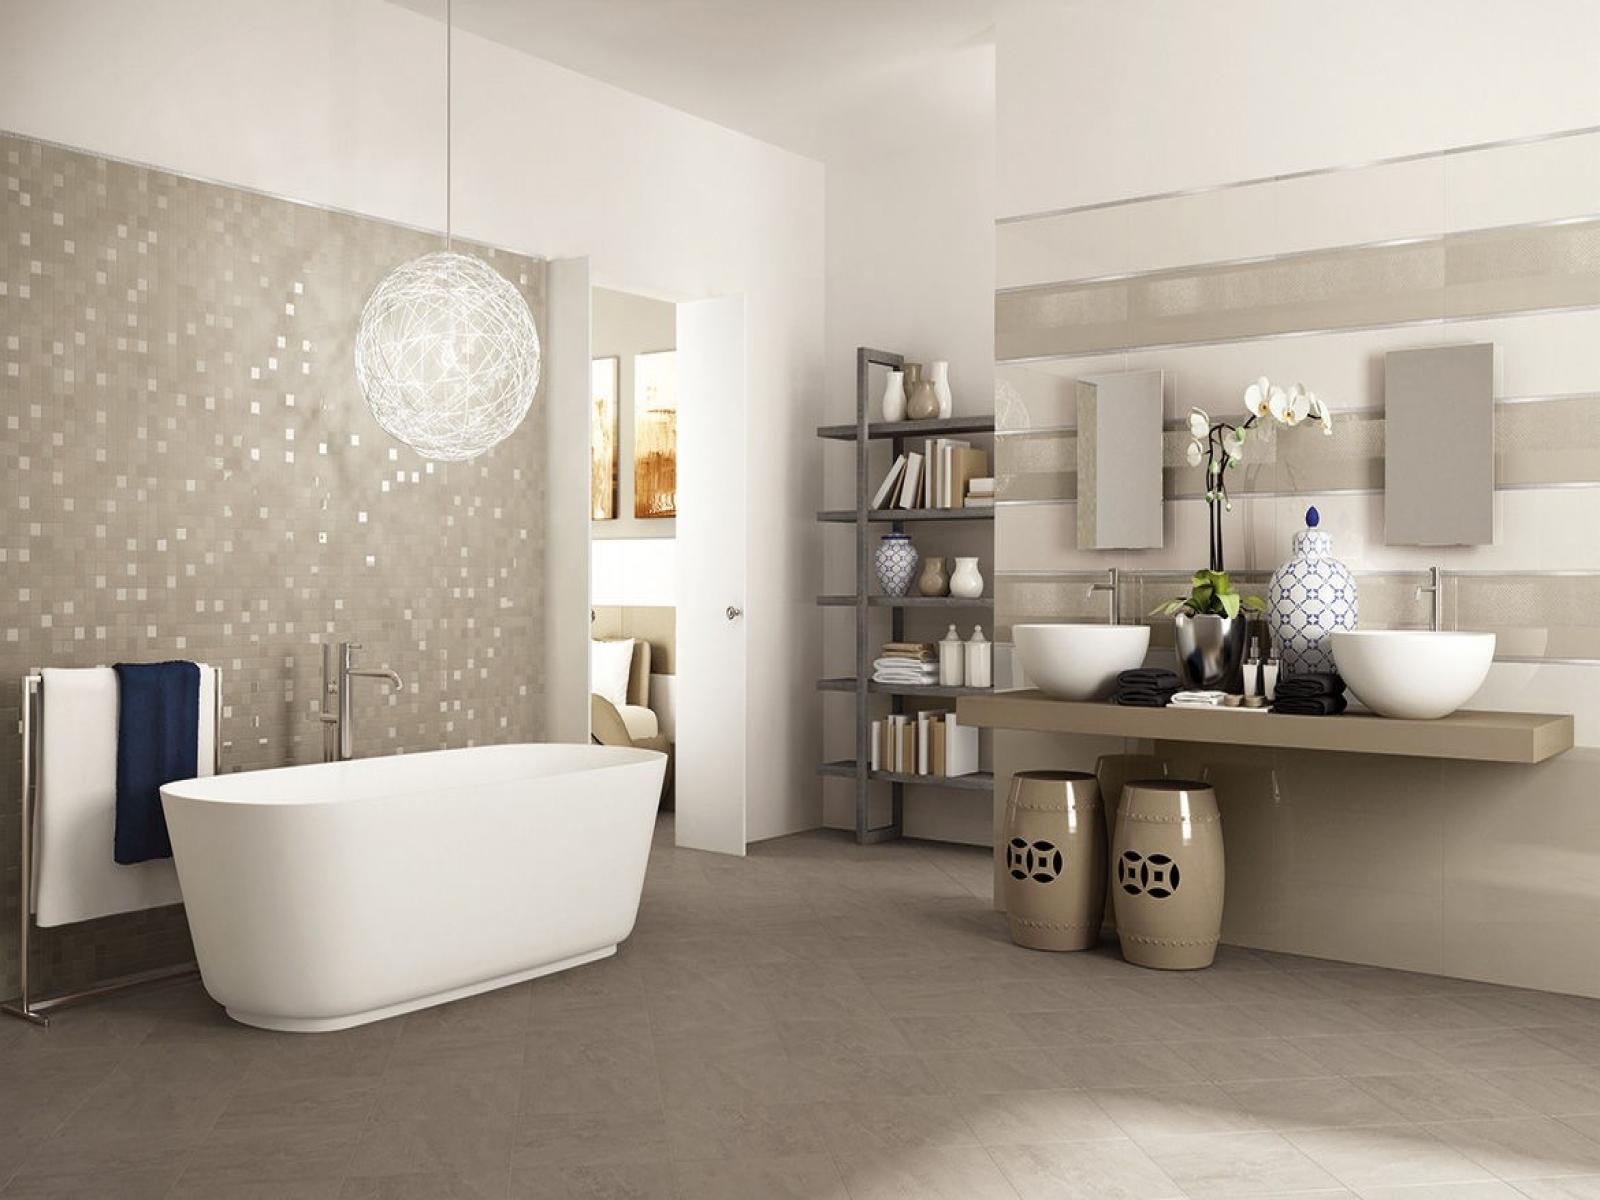 Tendencias y consejos de iluminaci n para el hogar - Renovar un bano ...